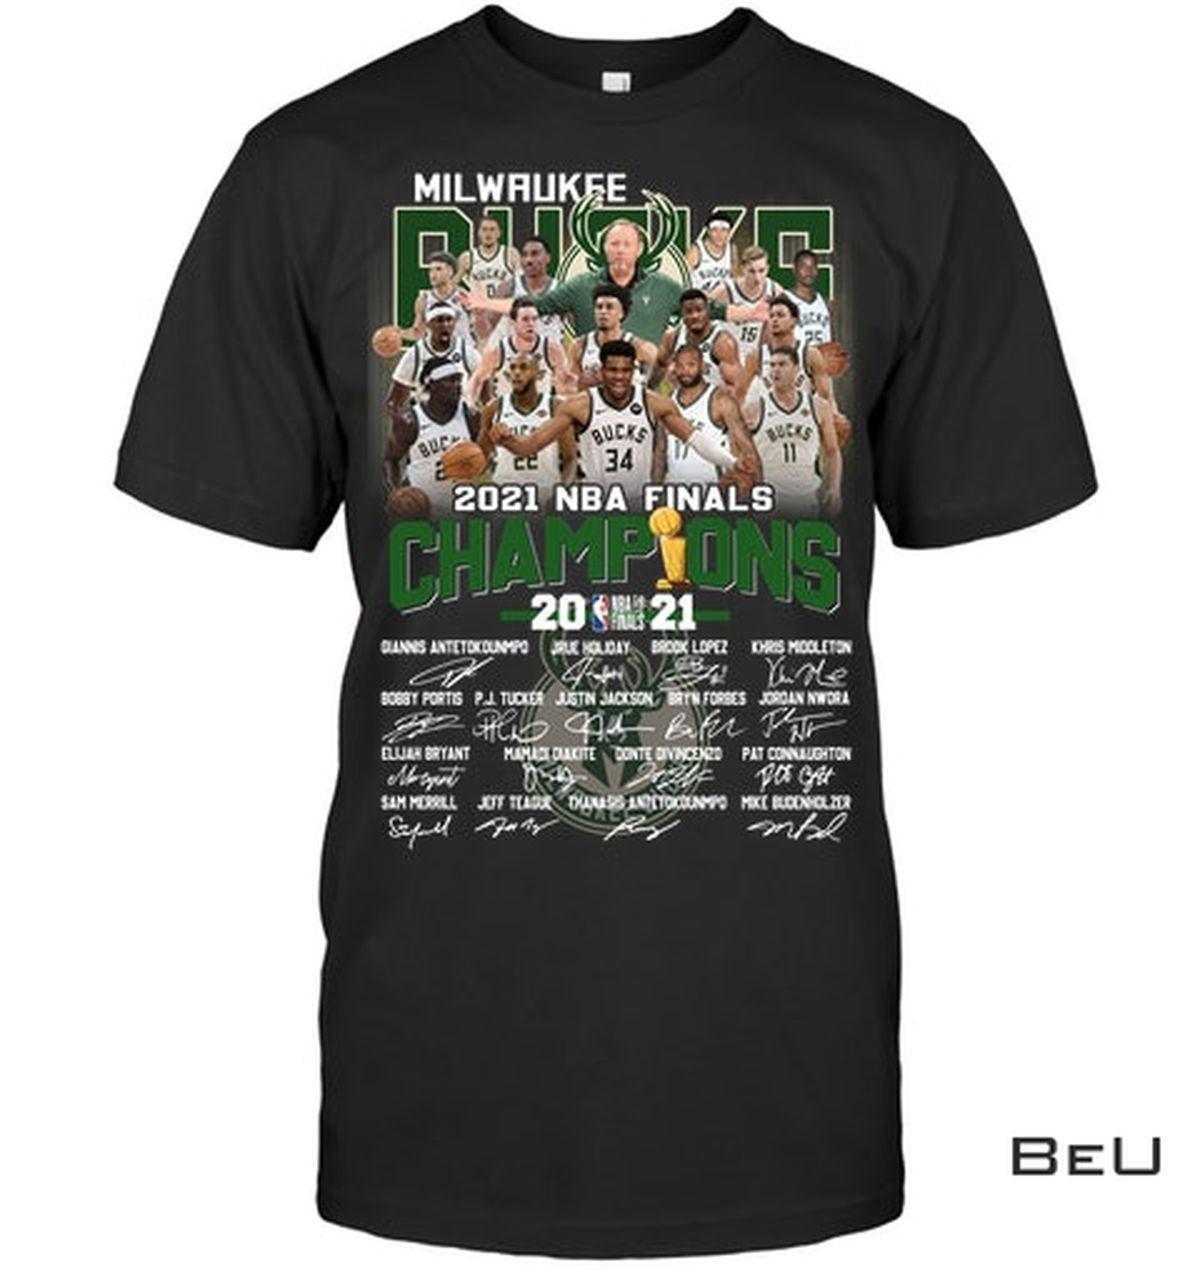 Milwaukee Brewers 2021 Nba Final Champions Shirt